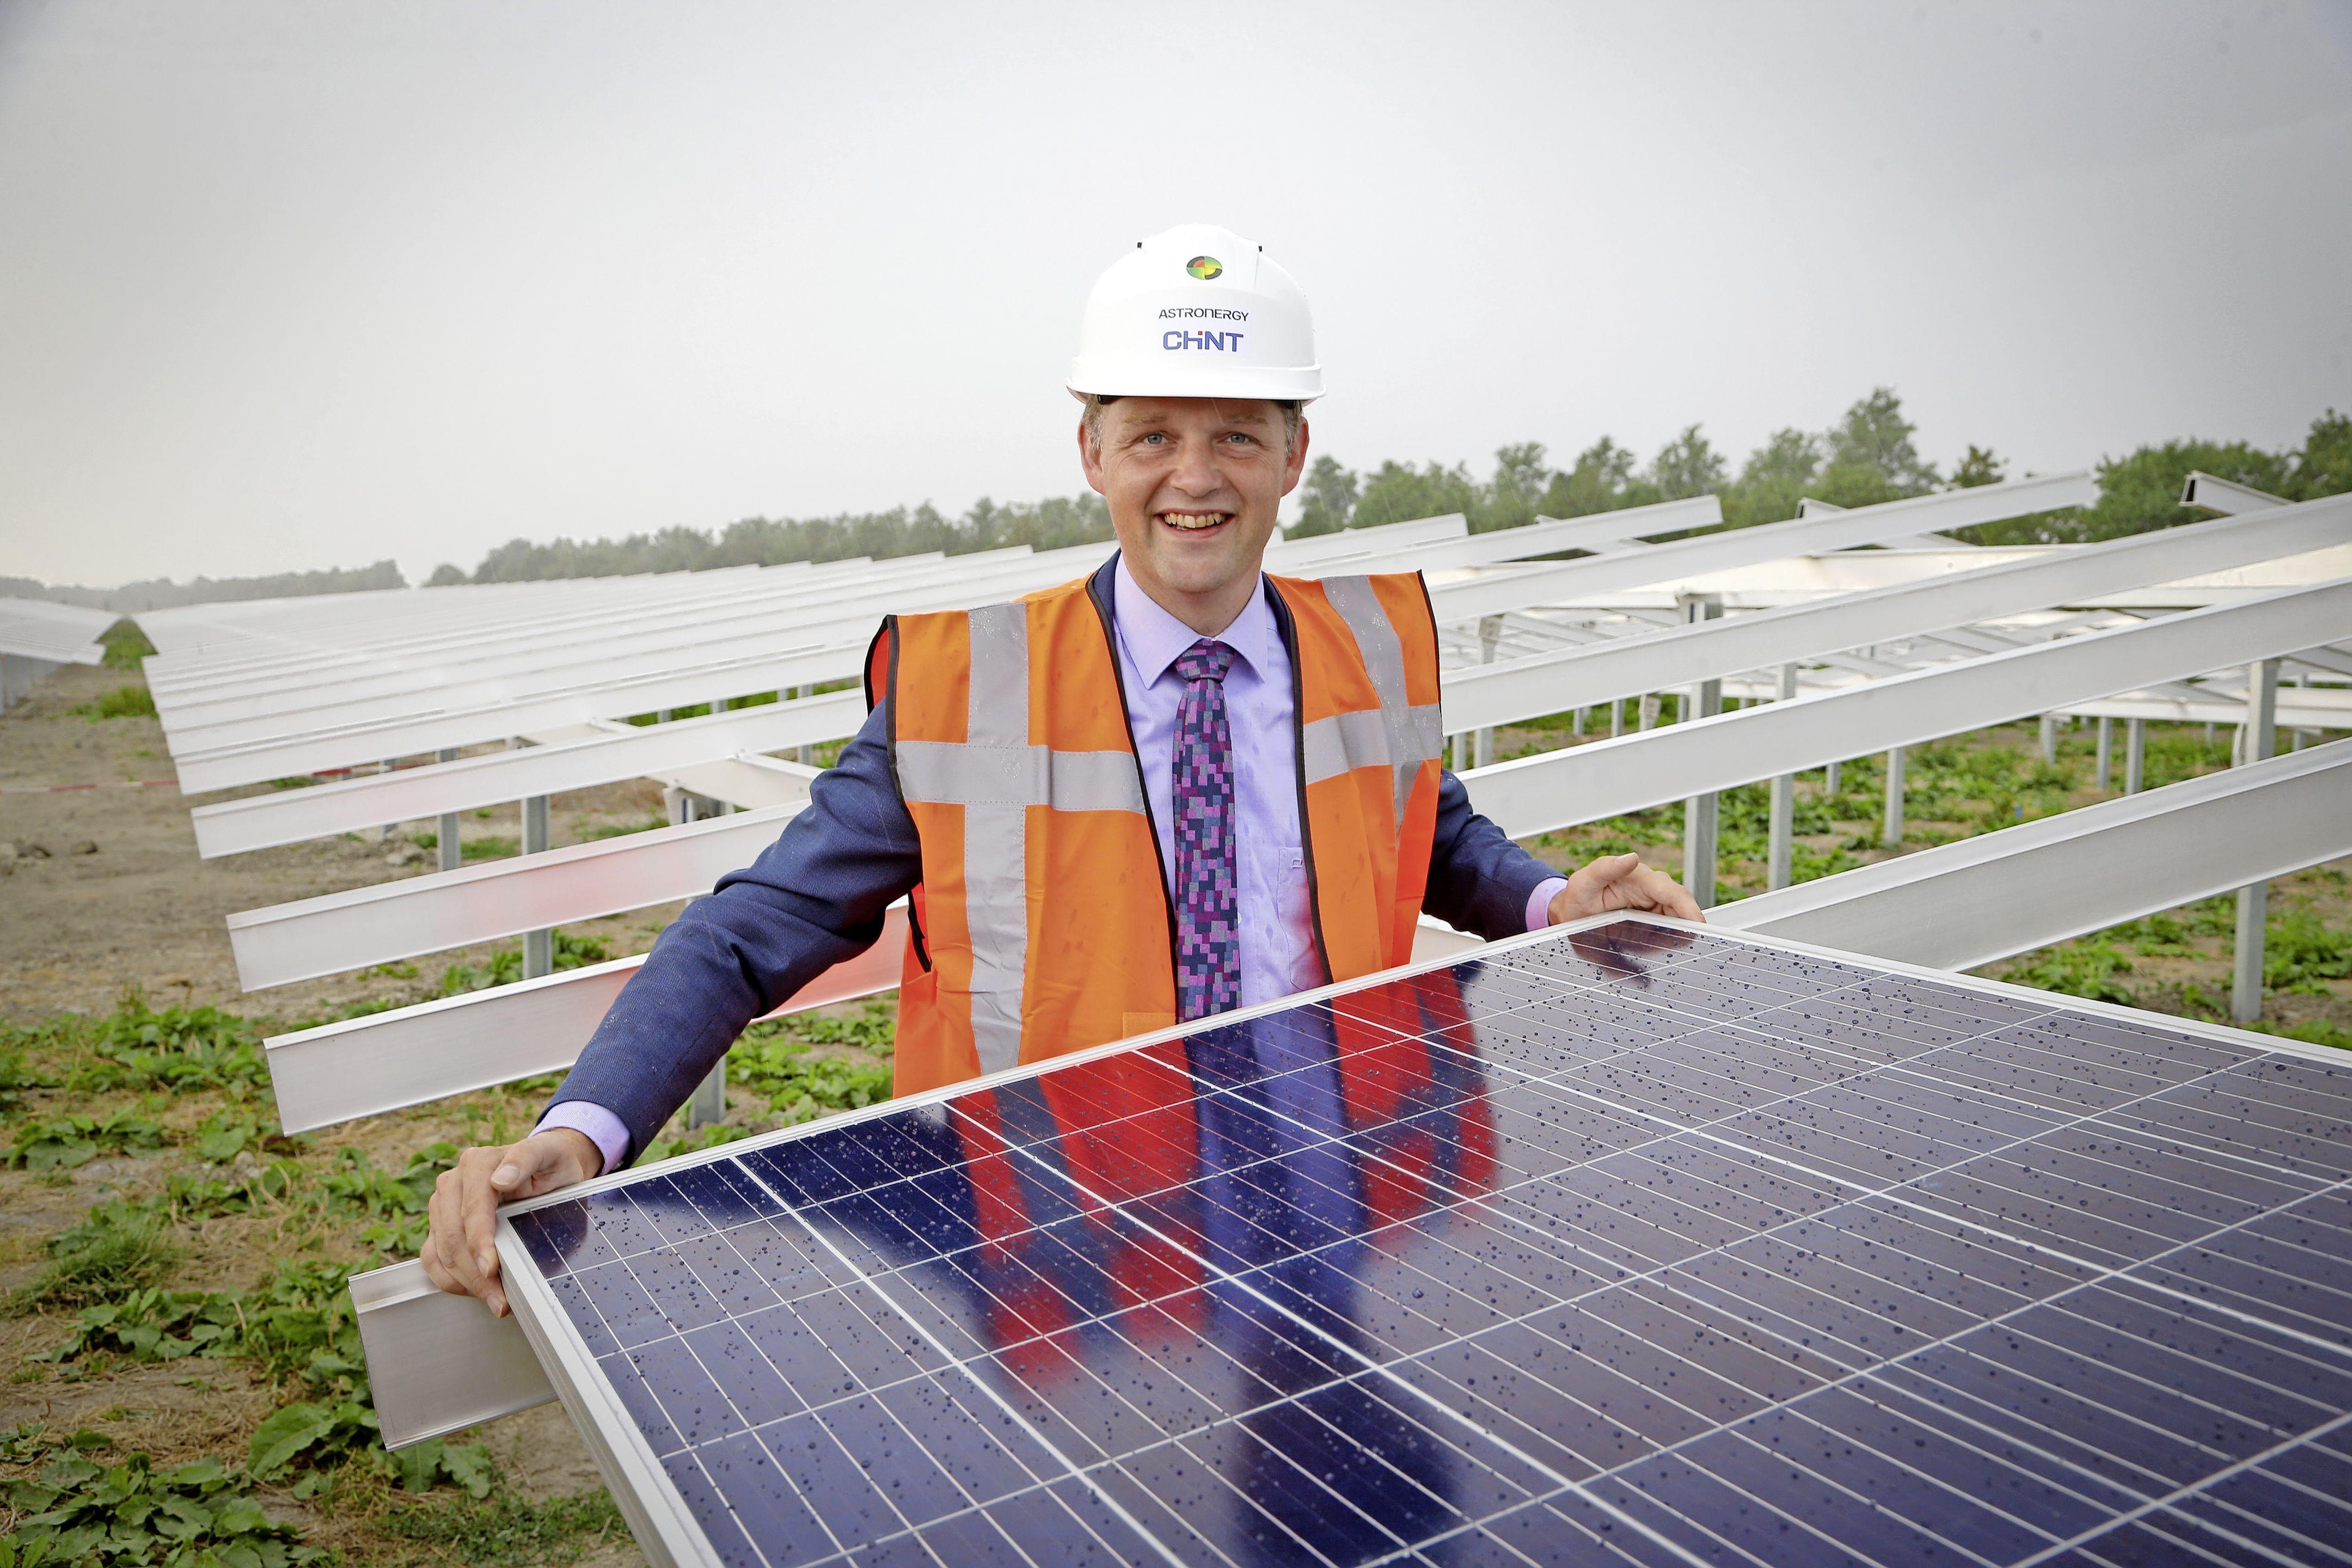 Raad Medemblik gaat zich uitspreken over plannen voor twee zonneparken in Zwaagdijk. 'Iedereen heeft een beetje water bij de wijn moeten doen'